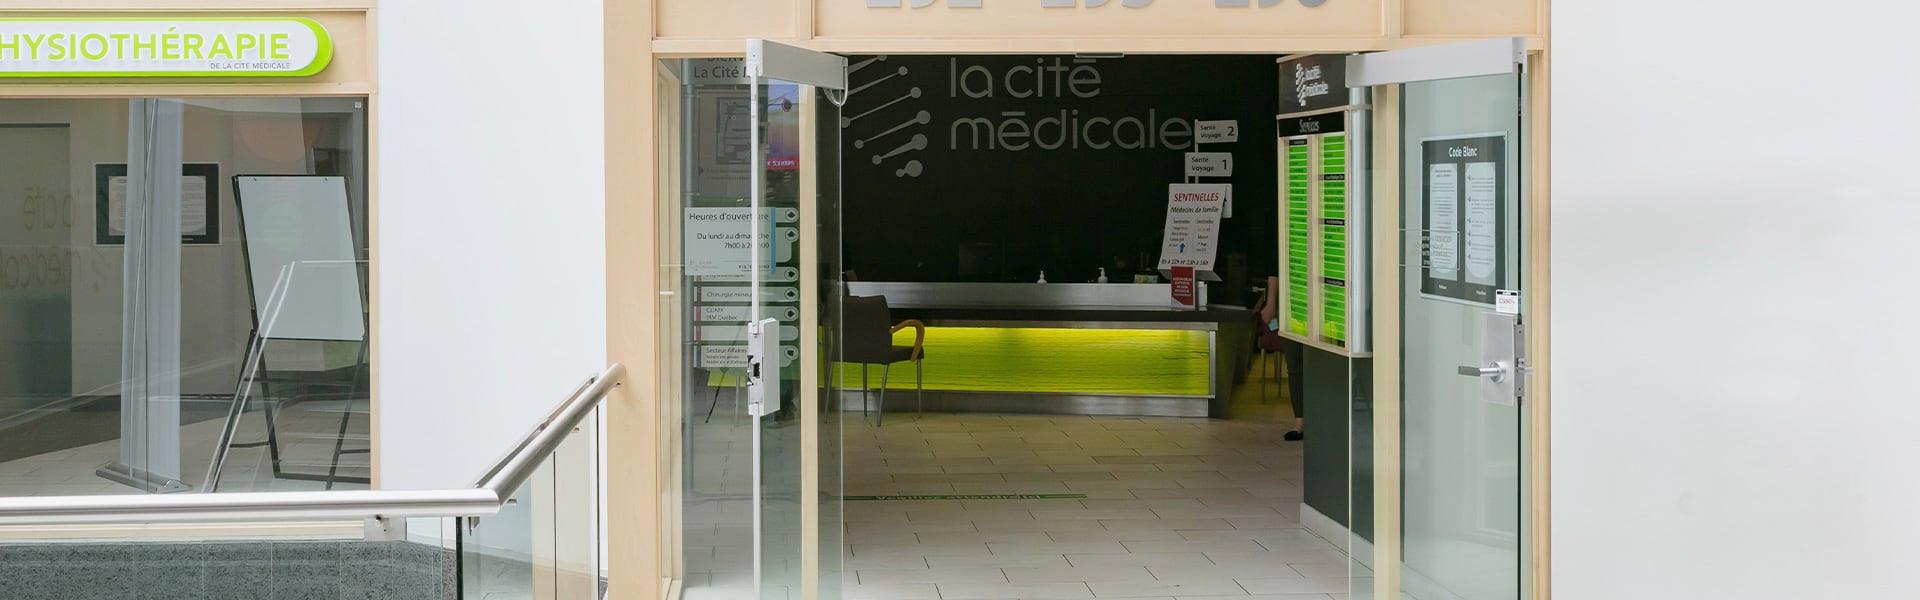 La Cité Médicale – Médecine familiale | Place de la Cité